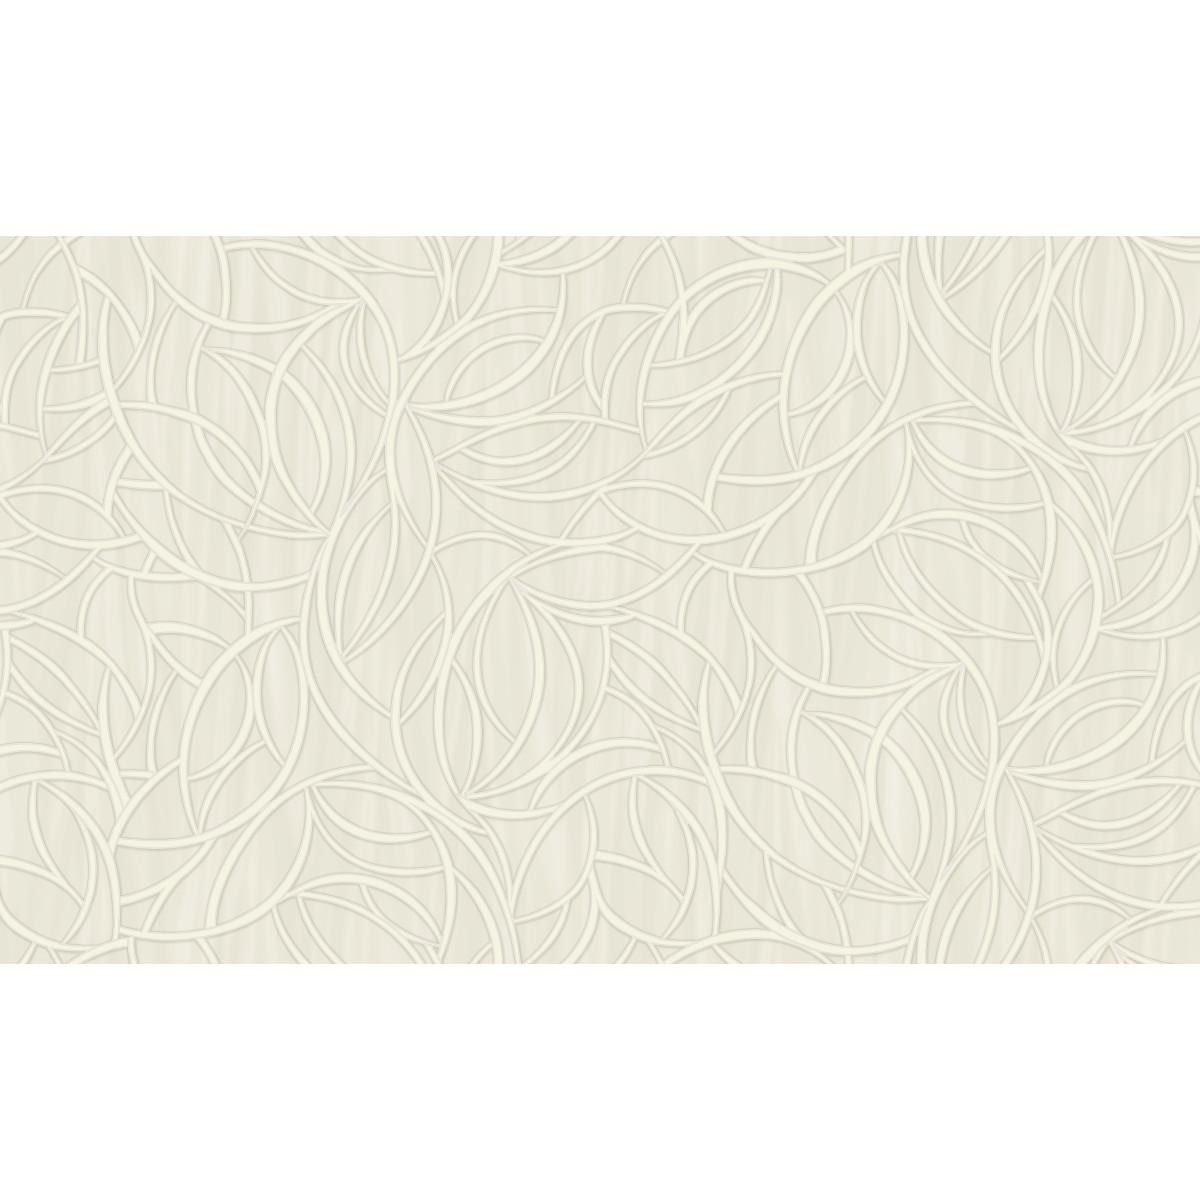 Обои флизелиновые Ornamy Selena белые 1.06 м 1167-00